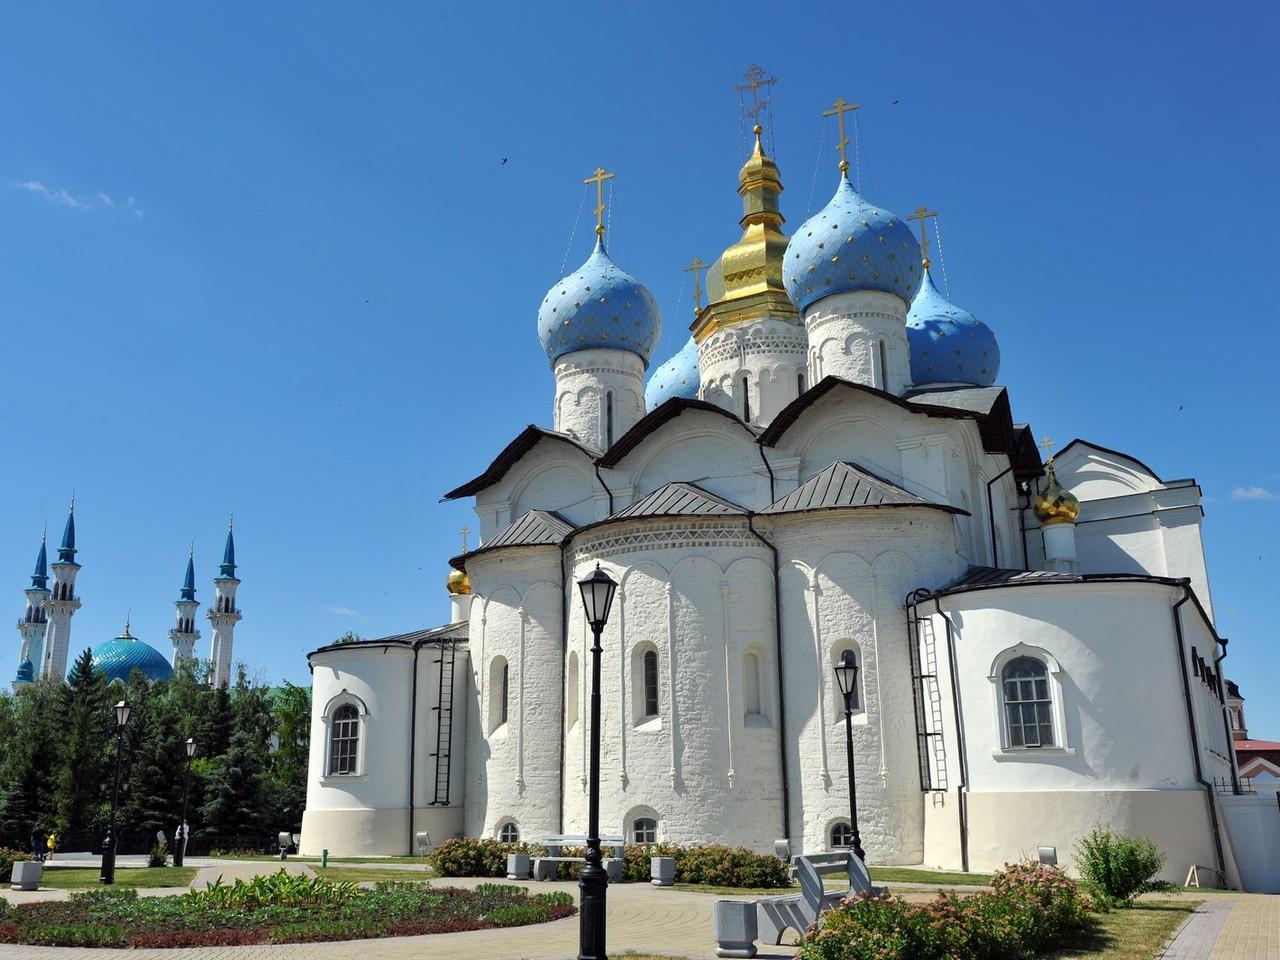 Благовещенский собор Казанского кремля, Казань